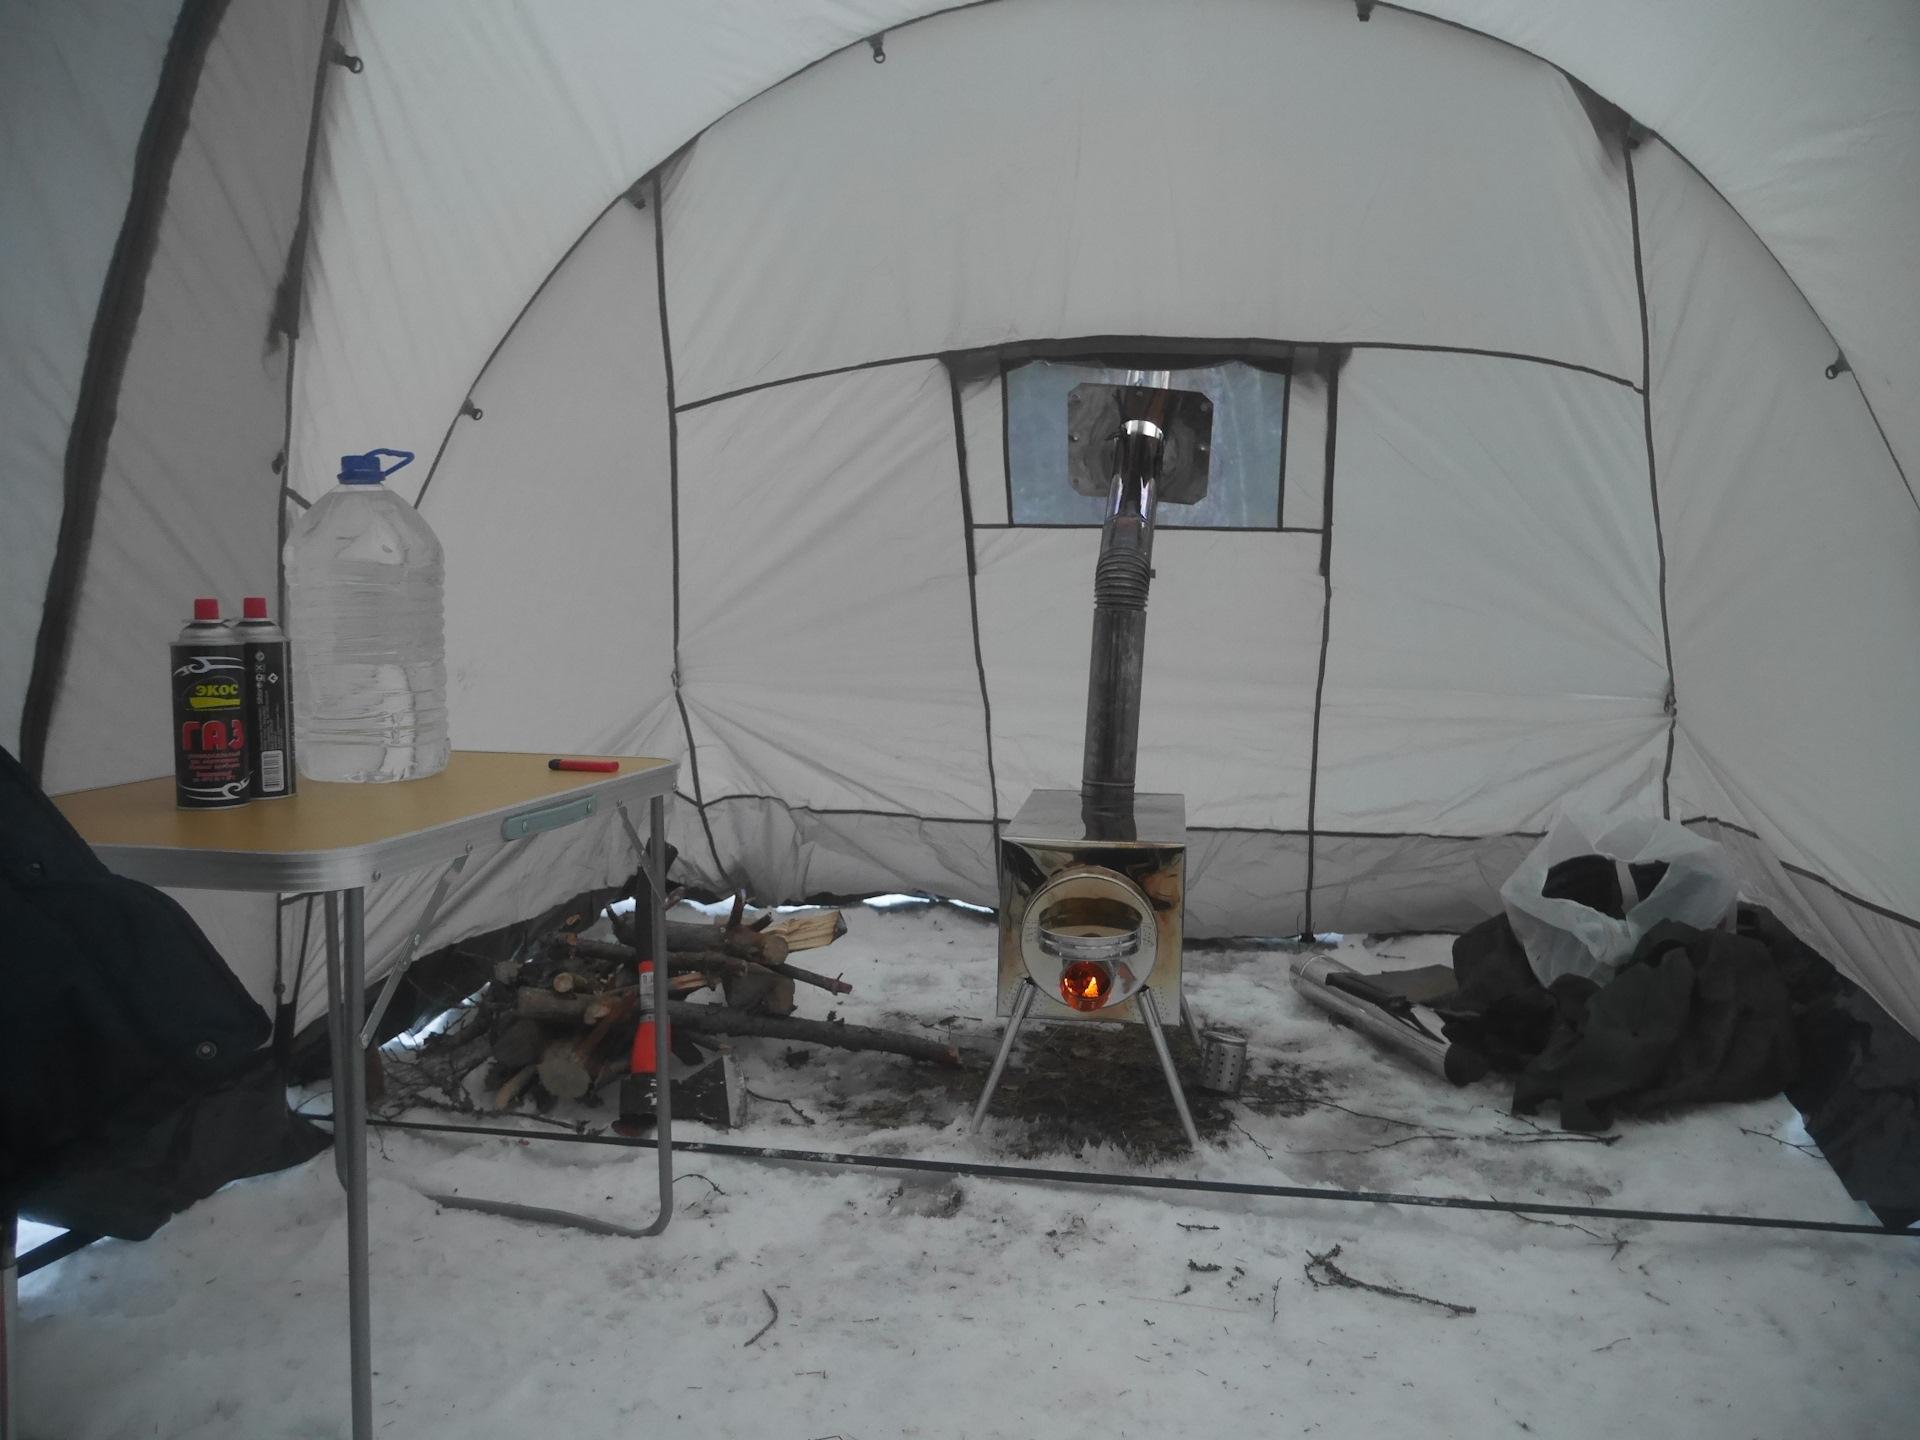 Печка для зимней палатки